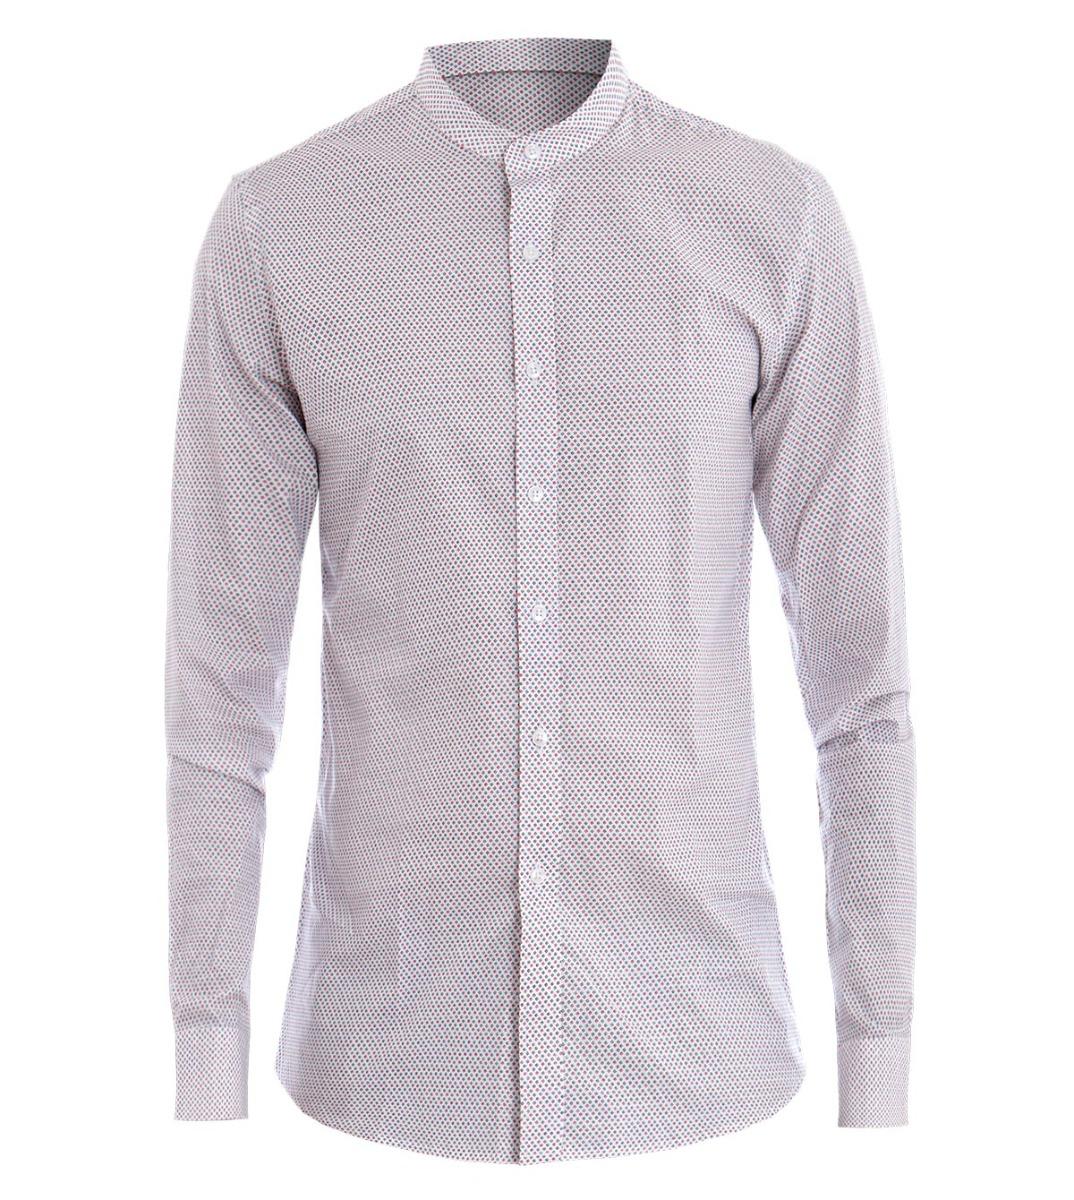 premium selection 58b2f 58ffd Dettagli su Camicia Uomo Collo Coreano Micro Fantasia Rombi Slim Fondo  Bianco GIOSAL